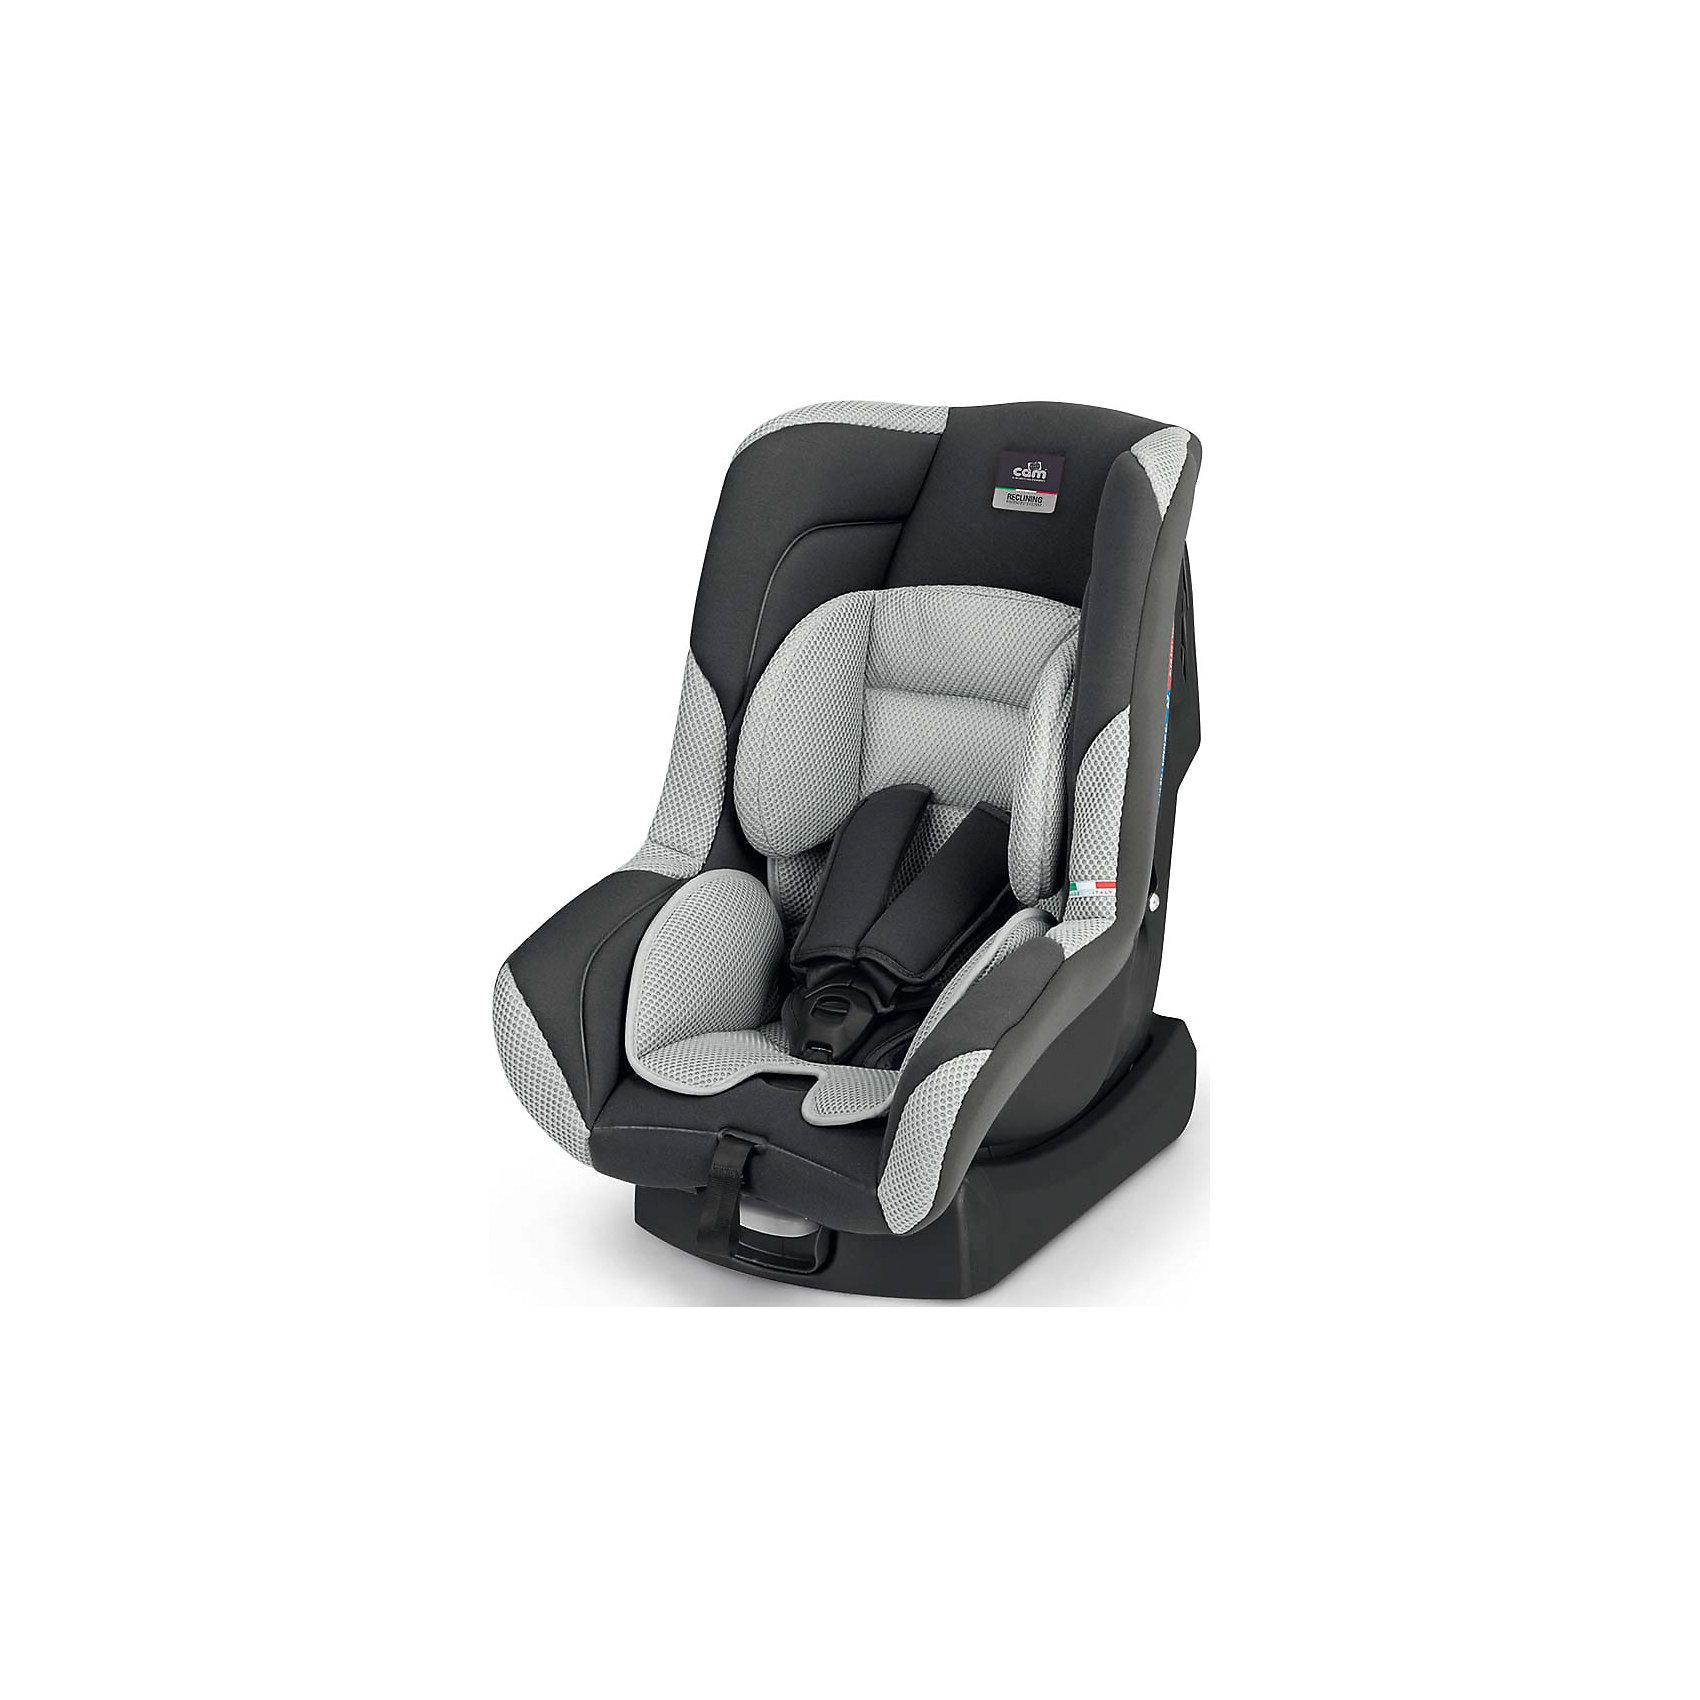 Автокресло Auto Gara, 0-18 кг., CAM, серыйАвтокресло Auto Gara - прекрасный вариант для поездок и путешествий на автомобиле. Укрепленная анатомическая спинка, механизм регулировки высоты ремня и глубокая мягкая защита обеспечат малышу удобство и безопасность. Модель имеет прочную, устойчивую подставку, позволяющую устанавливать кресло не только в автомобиле, но и на любой другой горизонтальной поверхности. Спинка регулируется в 5 положениях, что позволяет креслу адаптироваться под наклон сидений автомобиля. Модель имеет внутренние 5- титочечные ремни безопасности с мягкими внутренними накладками для еще большего комфорта. Съемный износостойкий  чехол выполнен из гипоаллергенных материалов, прекрасно стирается в машине или же руками.<br><br>Дополнительная информация:<br><br>- Материал: пластик, текстиль.<br>- Вес ребенка: 0-18 кг. ( 0-4 года).<br>- Группа 0+/1.<br>- Размер: 60х43х61 см.<br>- Регулировка ремней и плечевых лямок.<br>- 5- титочечные ремни безопасности.<br>- Ортопедическая спинка.<br>- Цвет: серый. <br>- Стирка: ручная, машинная ( при 30 ? ).<br>- Способ установки: по ходу/против хода движения.<br><br>Автокресло Auto Gara, 0-18 кг., CAM, серое  можно купить в нашем магазине.<br><br>Ширина мм: 890<br>Глубина мм: 600<br>Высота мм: 420<br>Вес г: 6600<br>Цвет: серый<br>Возраст от месяцев: 0<br>Возраст до месяцев: 48<br>Пол: Унисекс<br>Возраст: Детский<br>SKU: 4540597